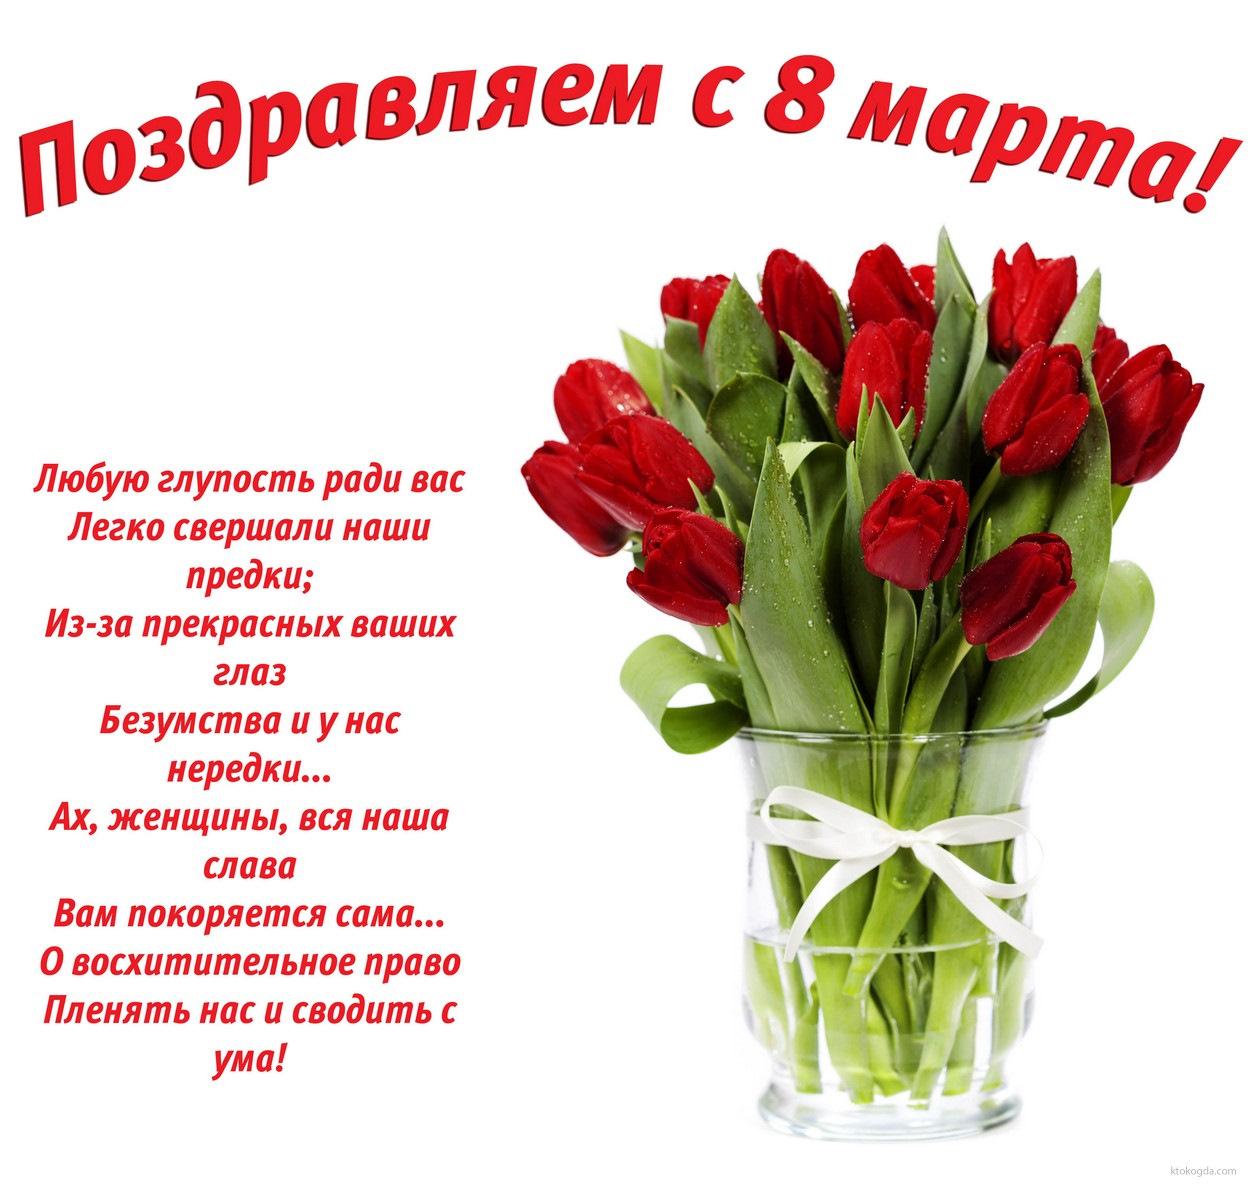 Поздравление с 8 марта в четверостишии